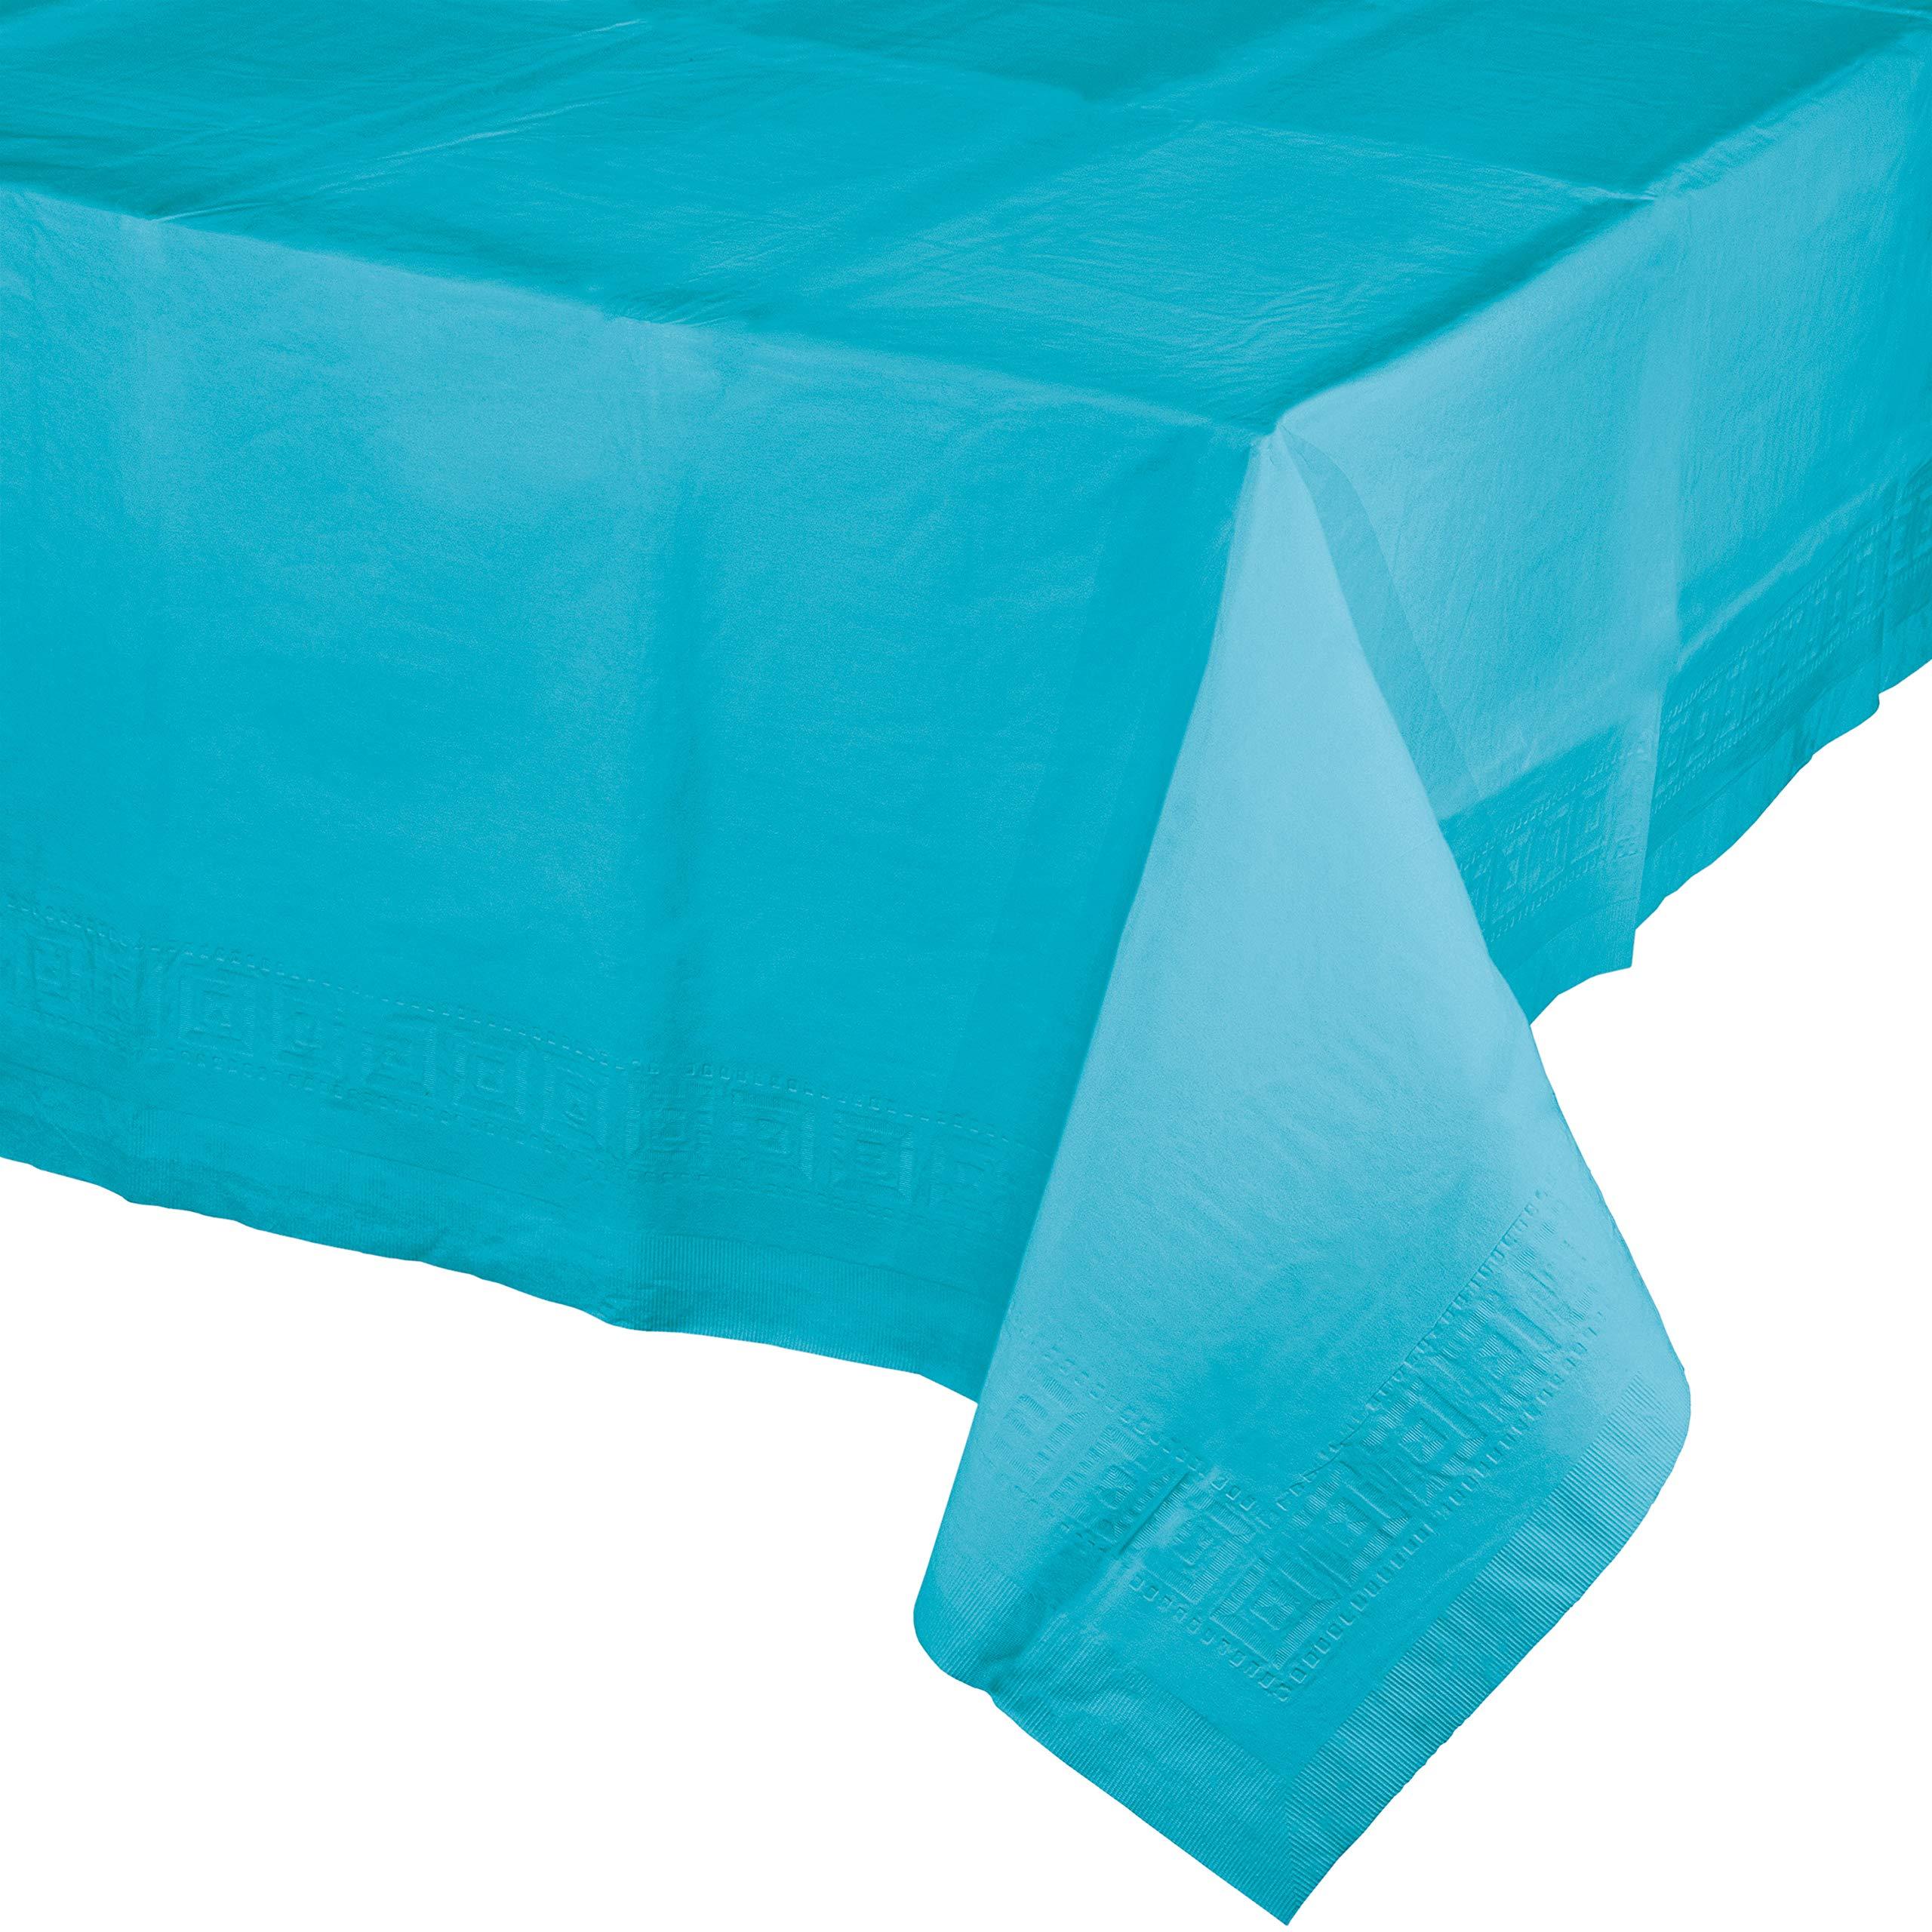 Bermuda Blue Paper Tablecloths, 3 ct